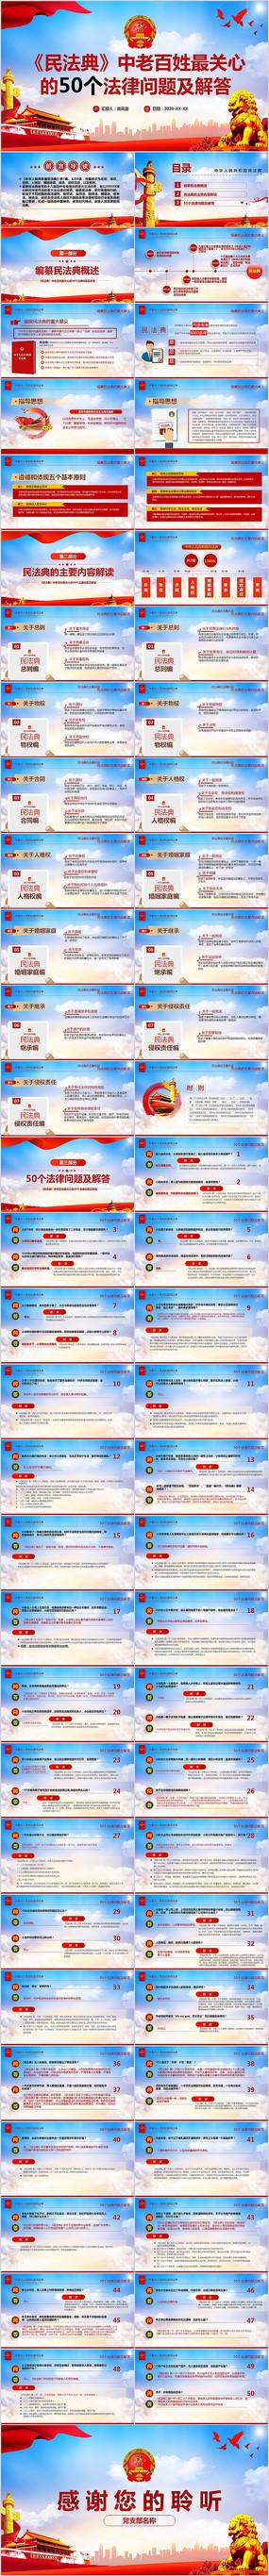 民法典亮点解读党政党委党组团委党课PPT模板